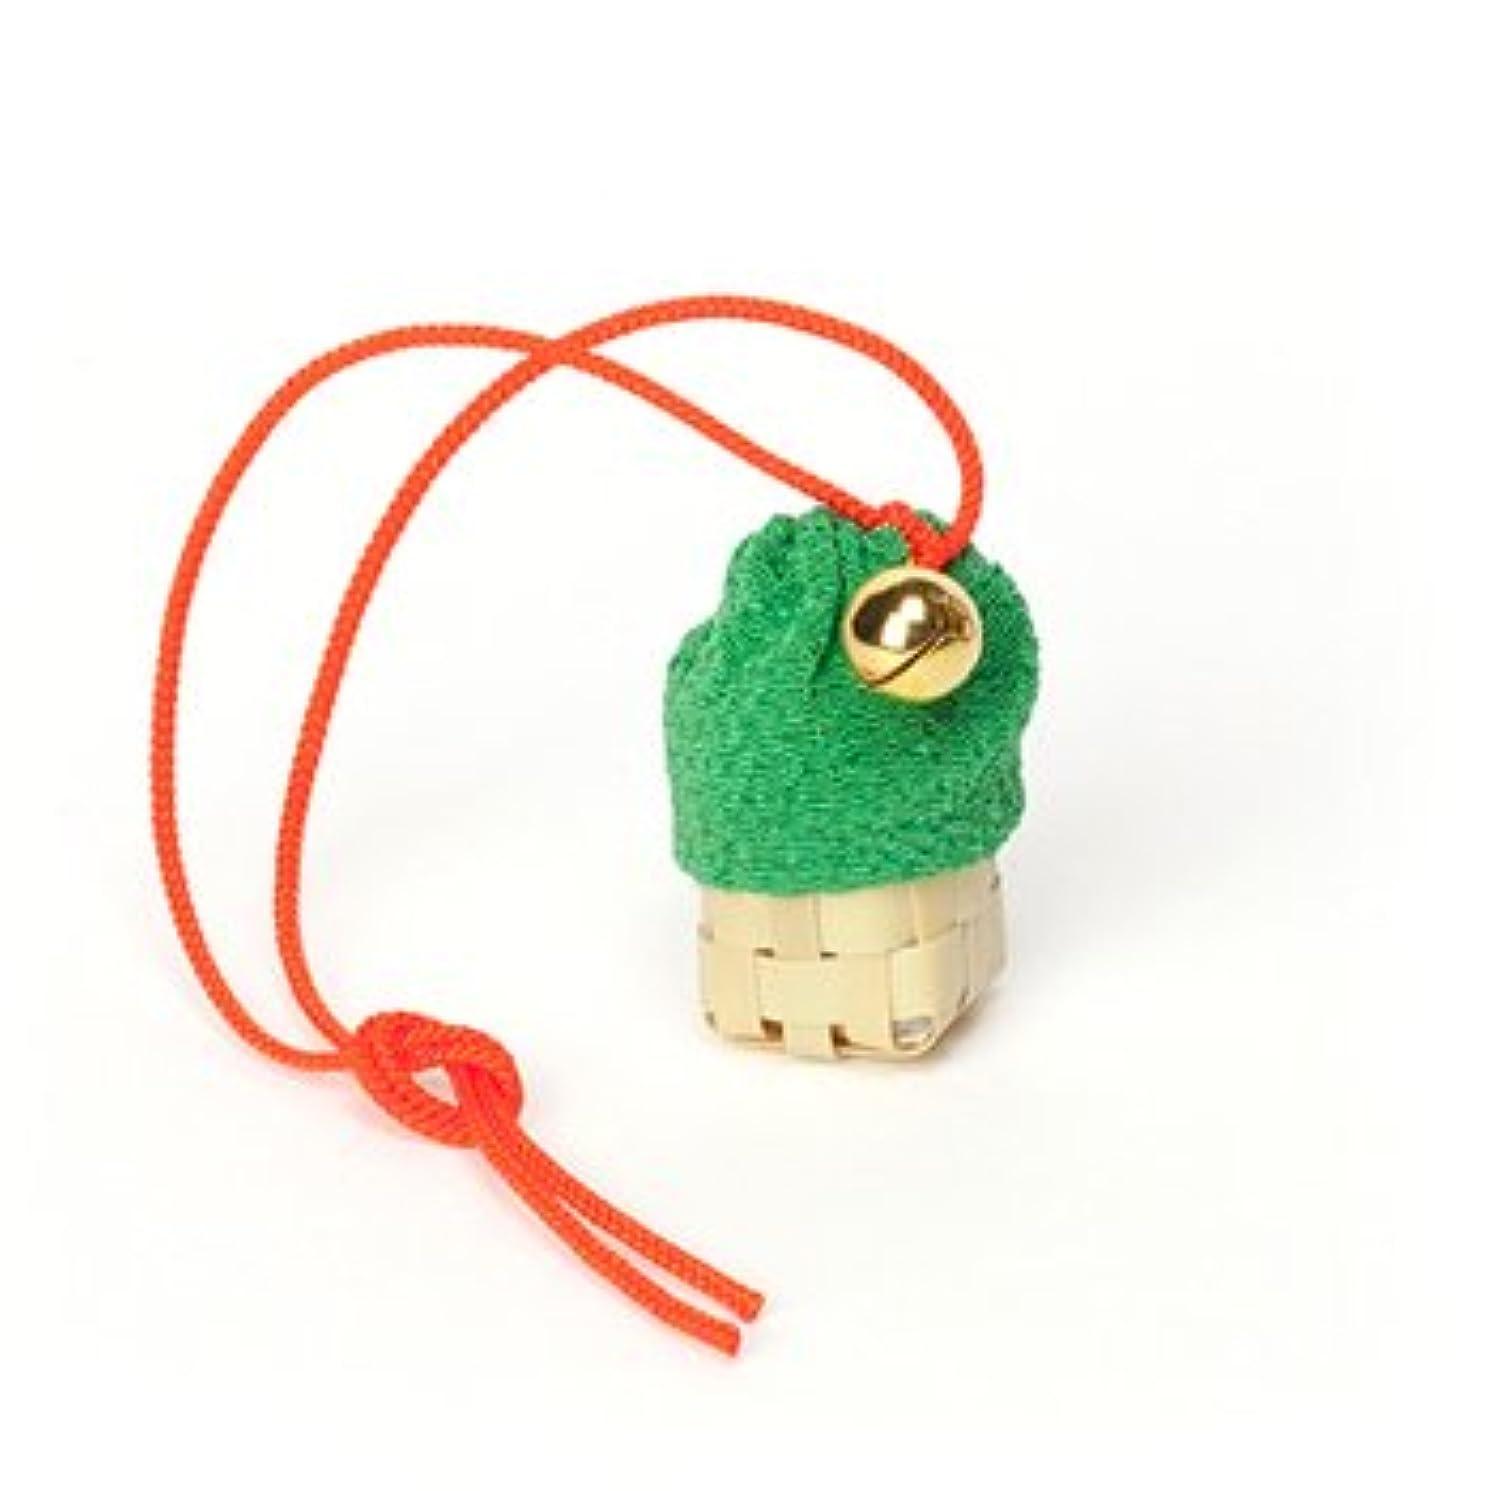 虎置き場コイル松栄堂 匂い袋 携帯用 ミニ籠 1個入 ケースなし (色をお選びください) (緑)